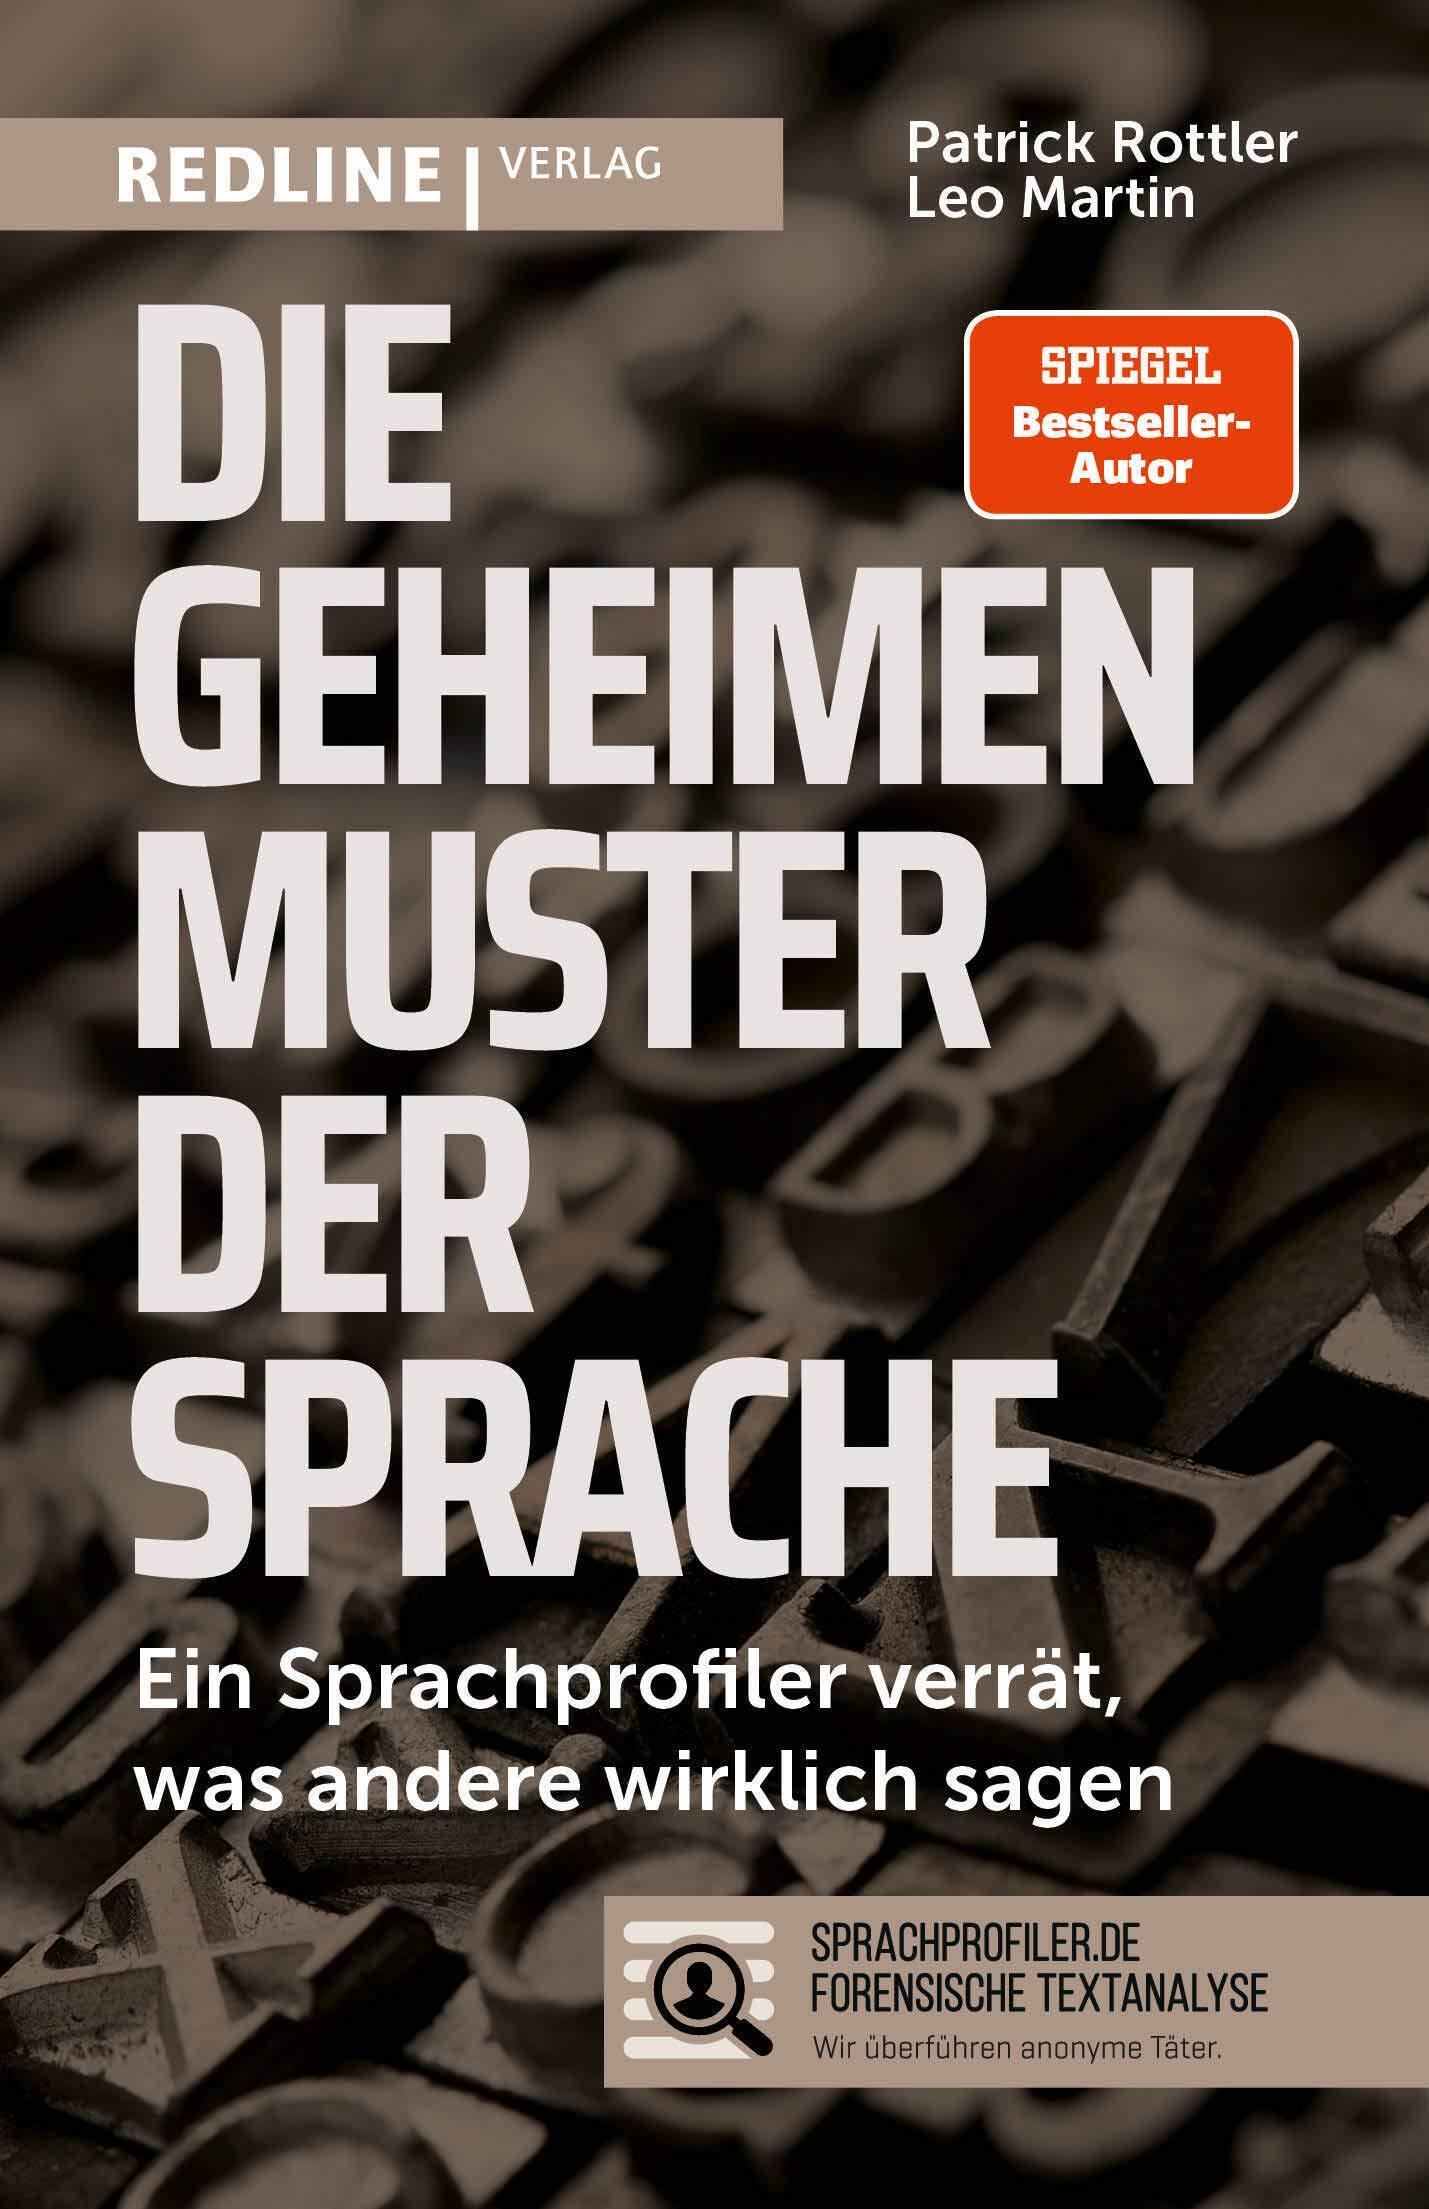 Leo Martin, PatrickRottler: Die geheimen Muster derSprache. Sprachprofiling